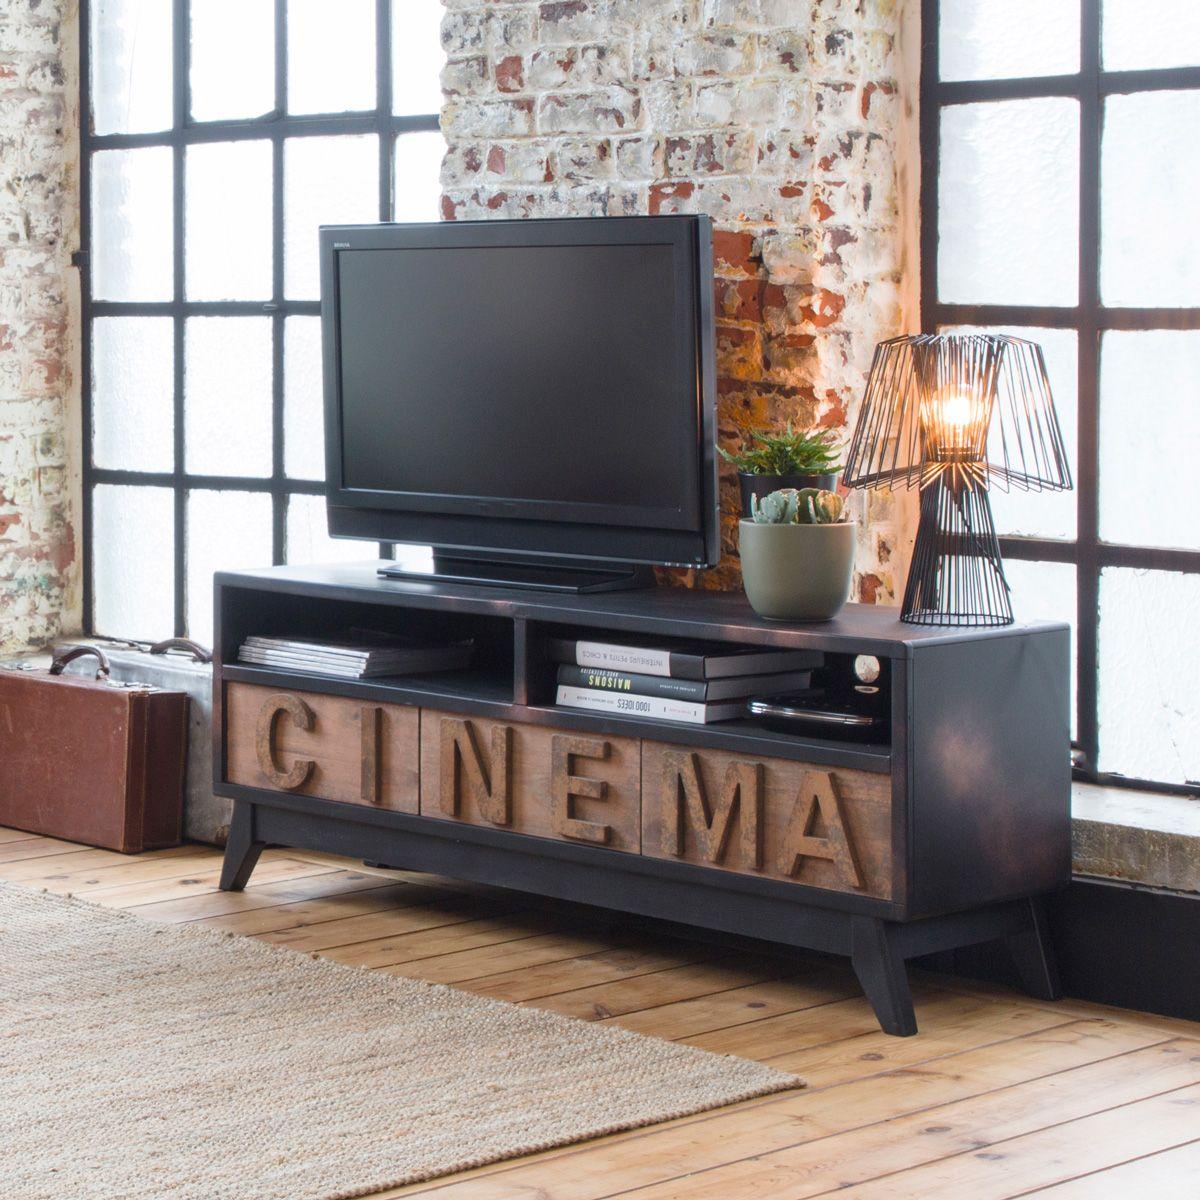 meuble tv mdf cinema 2 niches 3